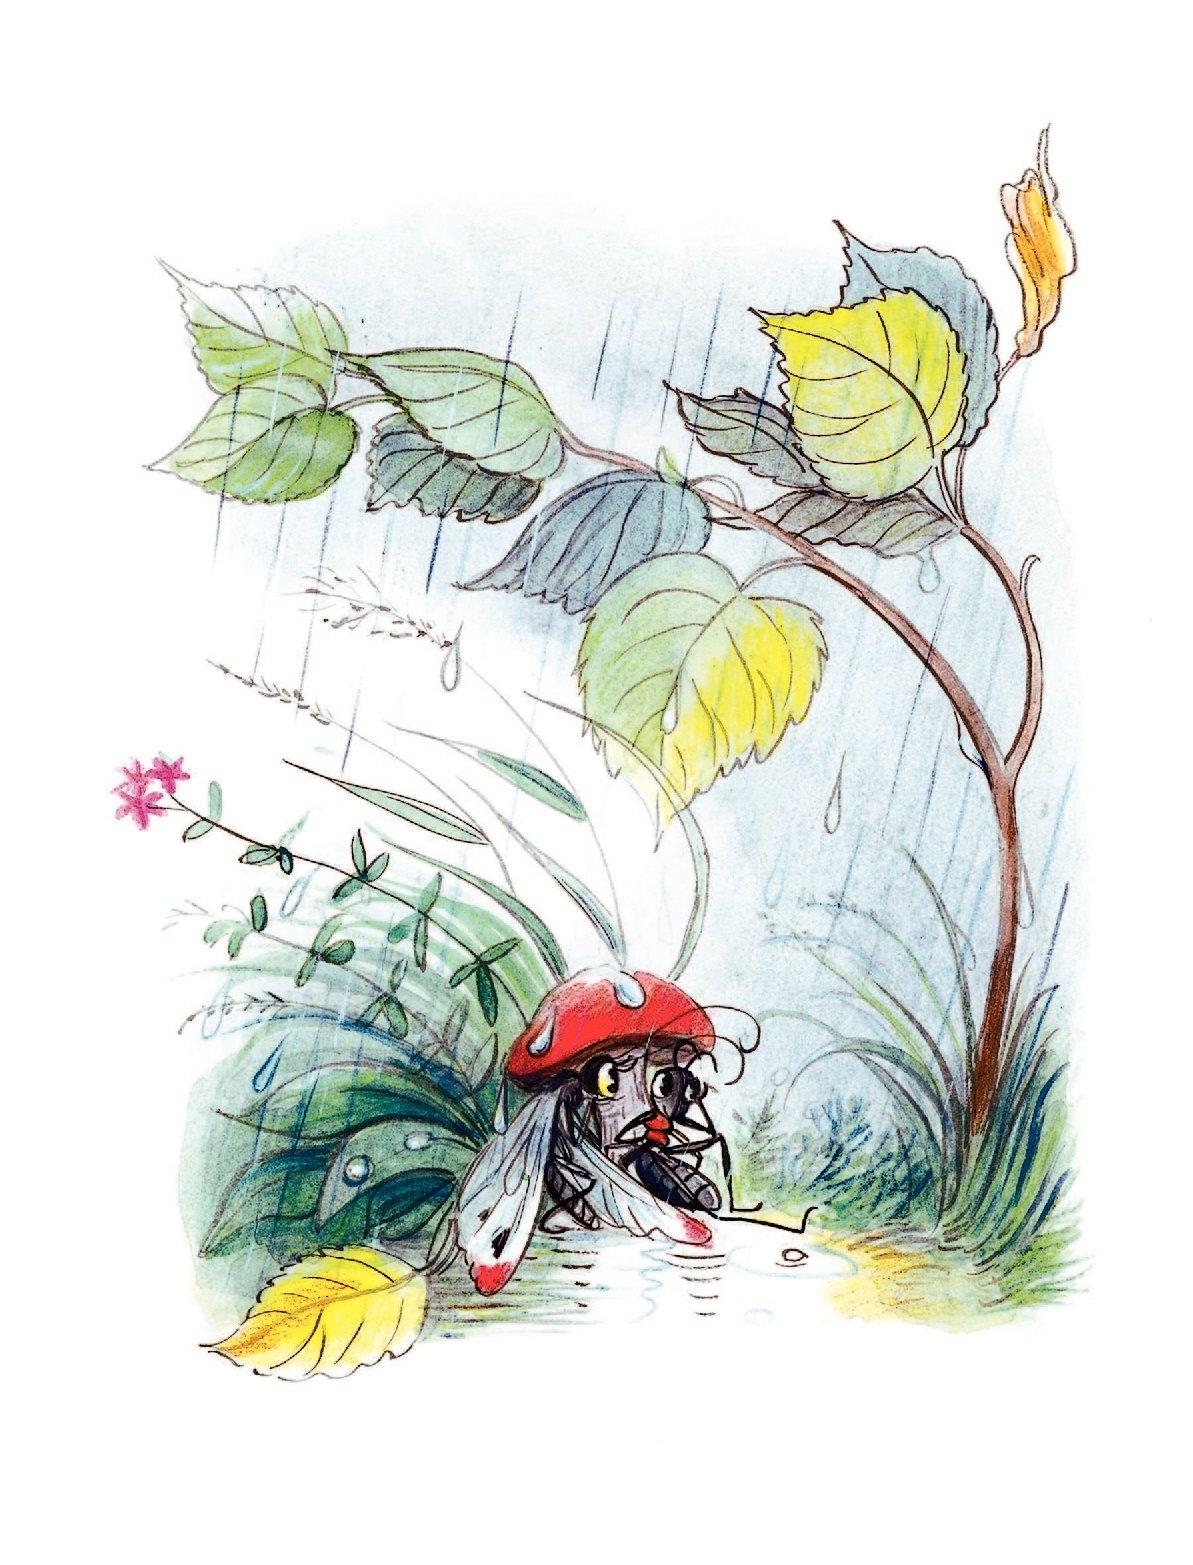 итальянцу картинки к сказке сутеева под грибом полностью воспроизведены как